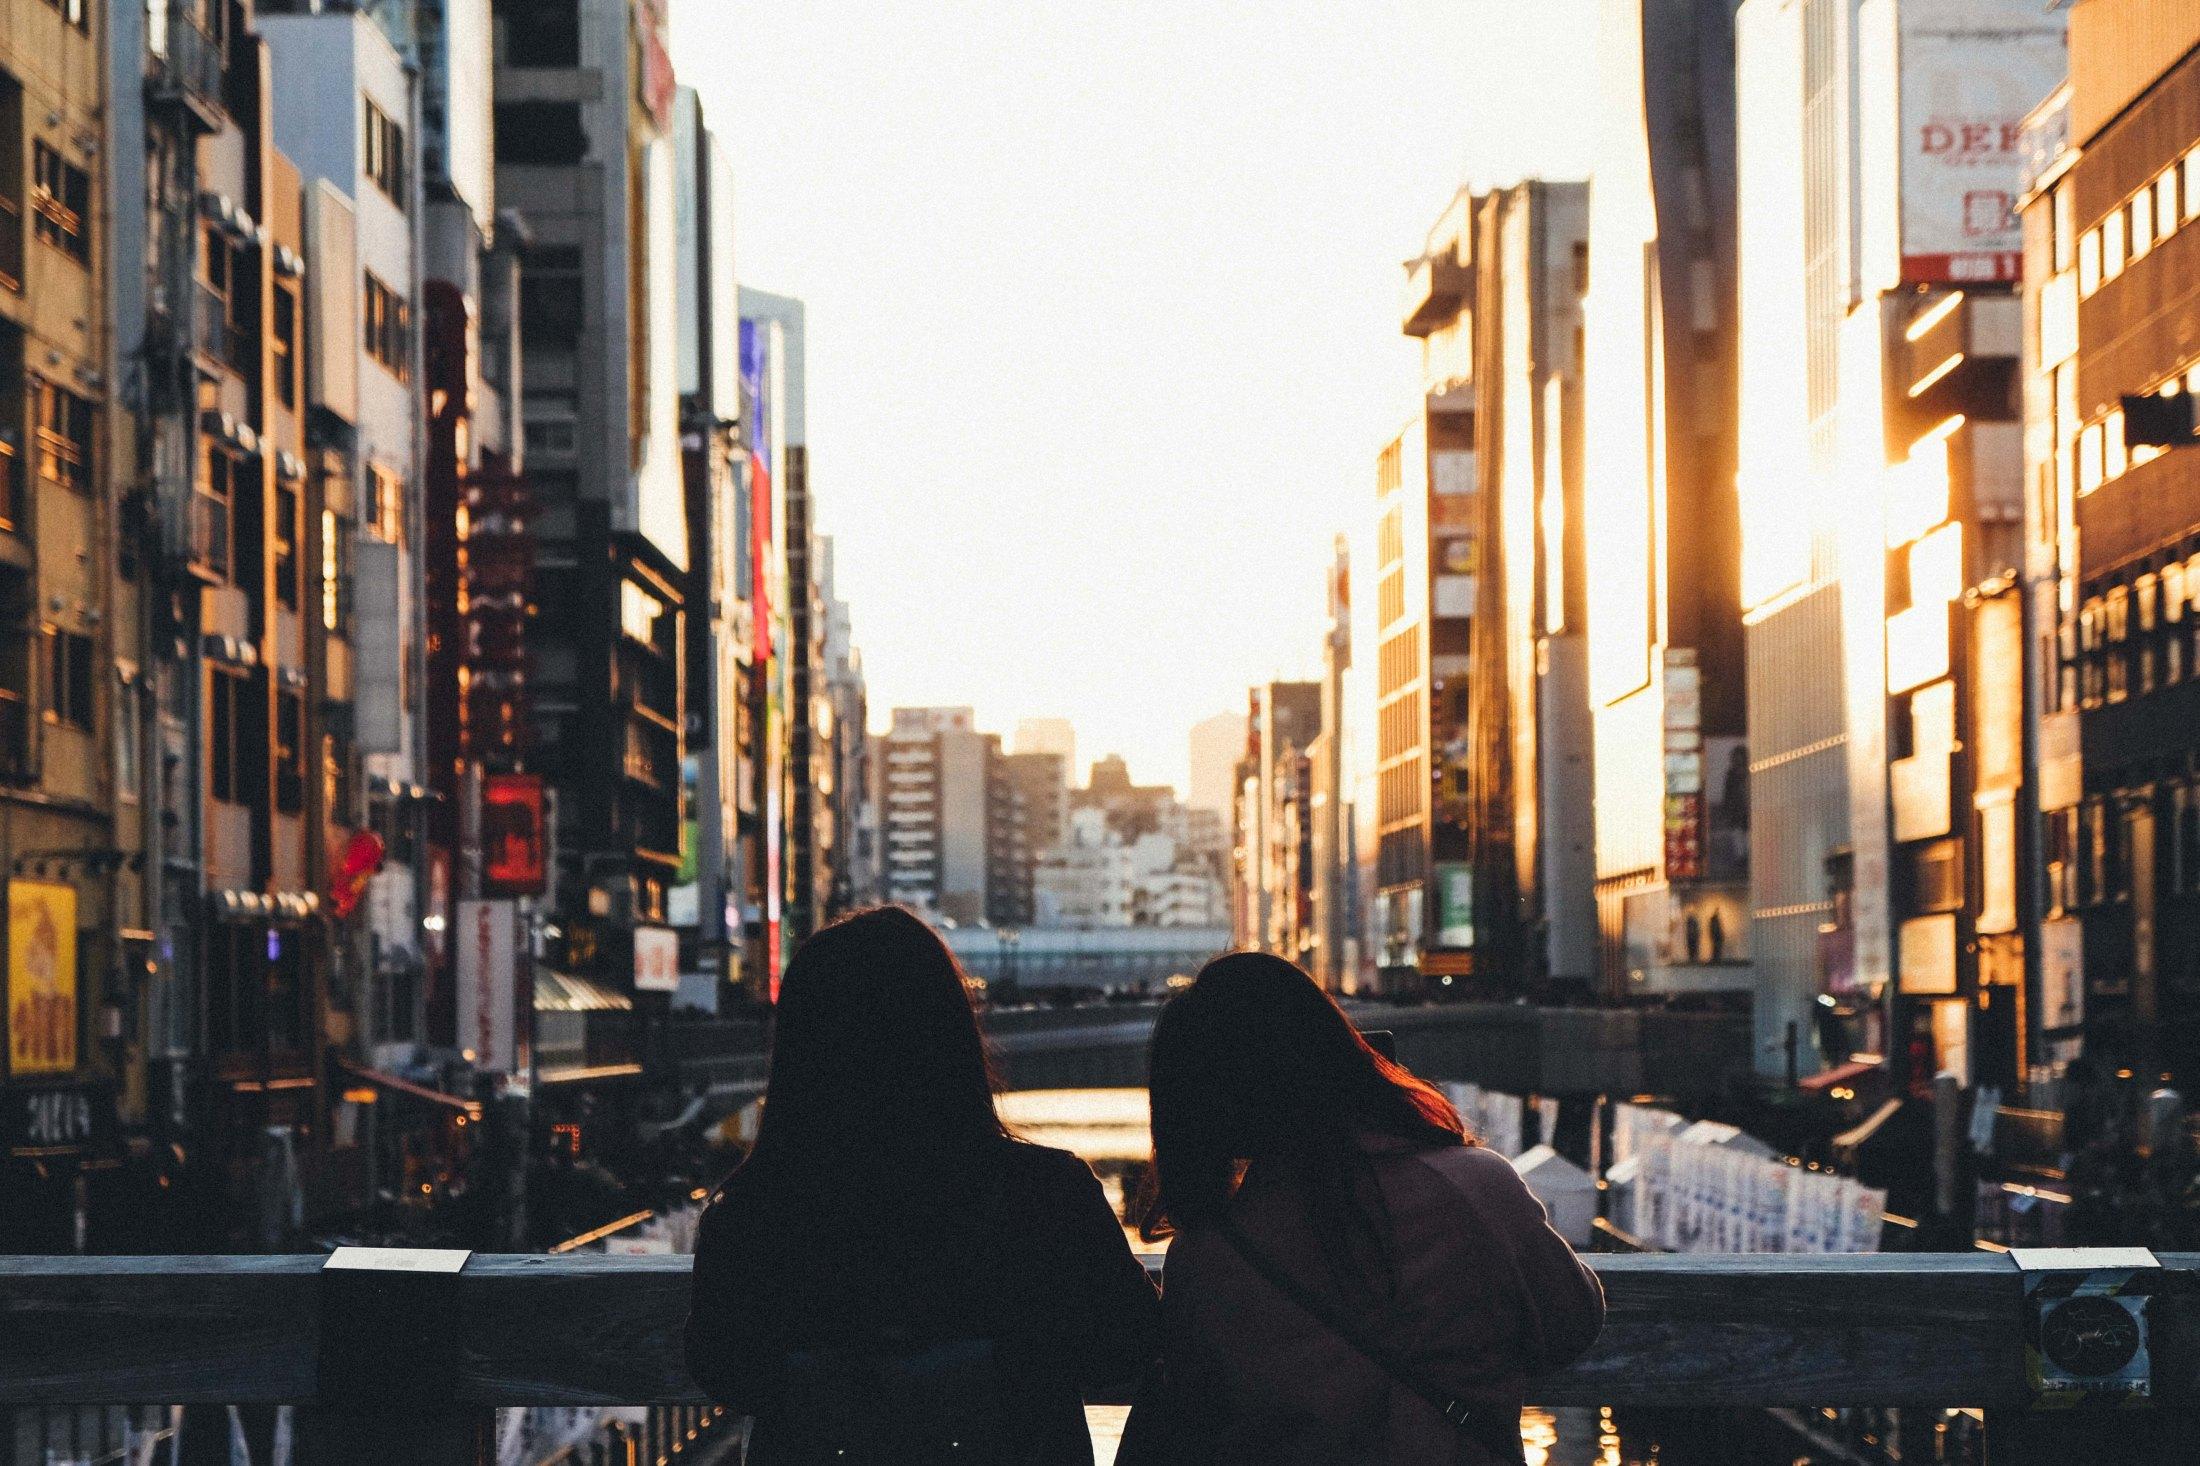 Street photowalk. Sunset in Dotonbori.